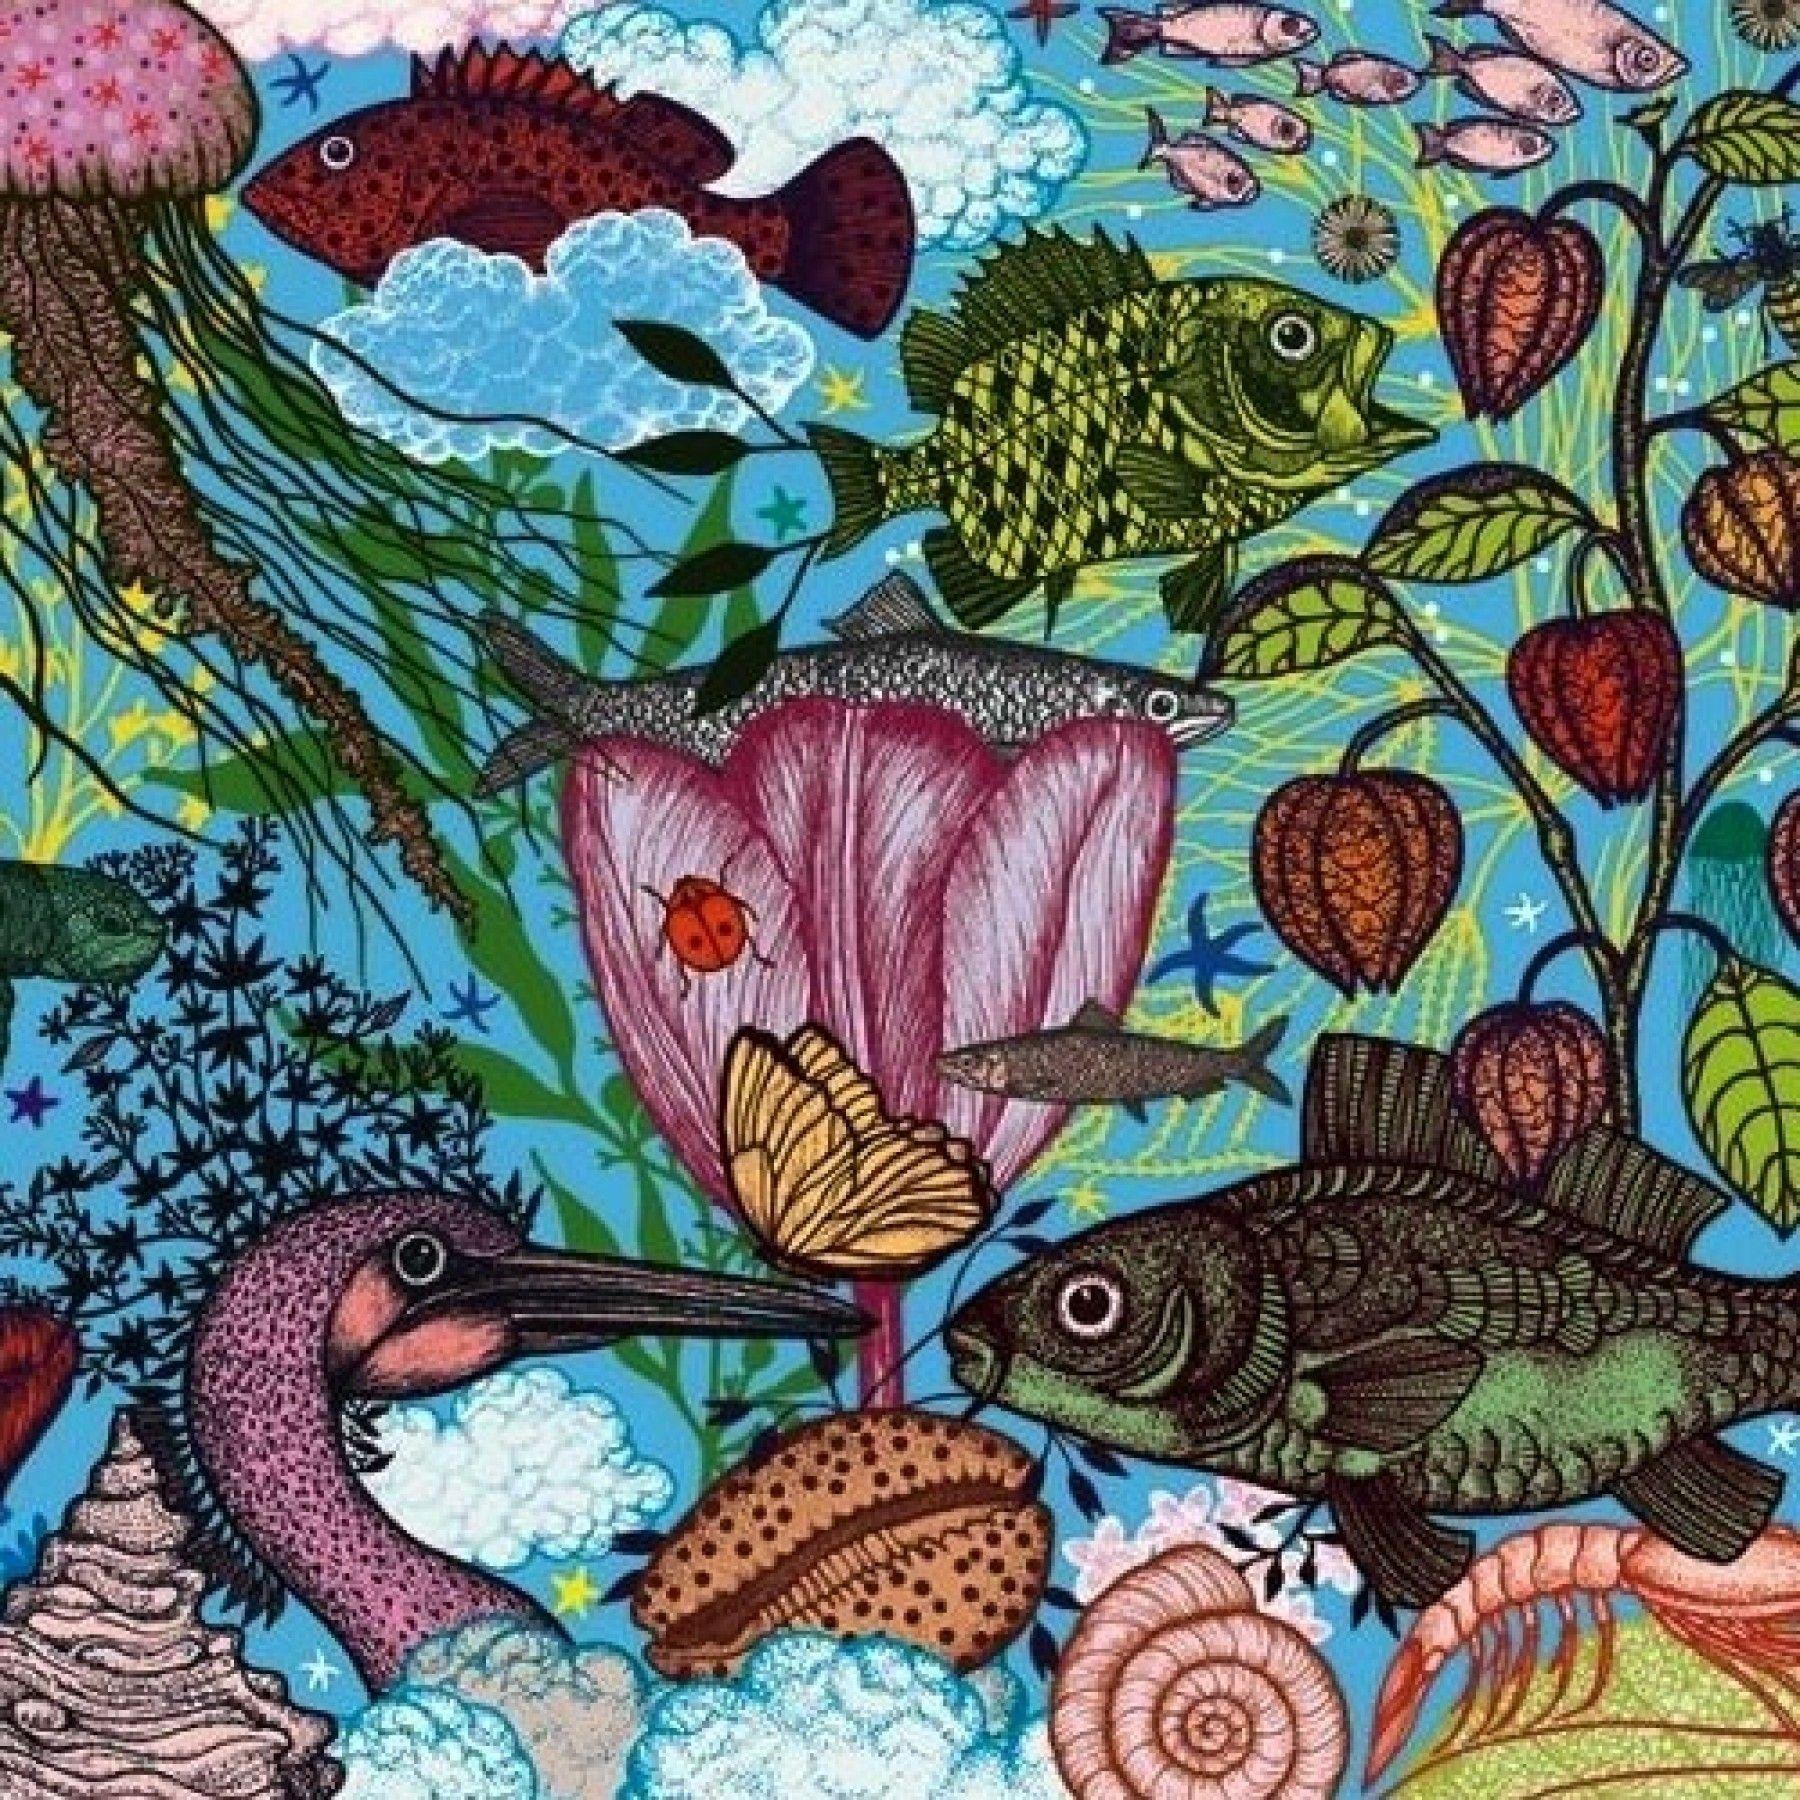 Djeco Djeco Gallerypuzzel - Land & Sea  1000pcs 9y+